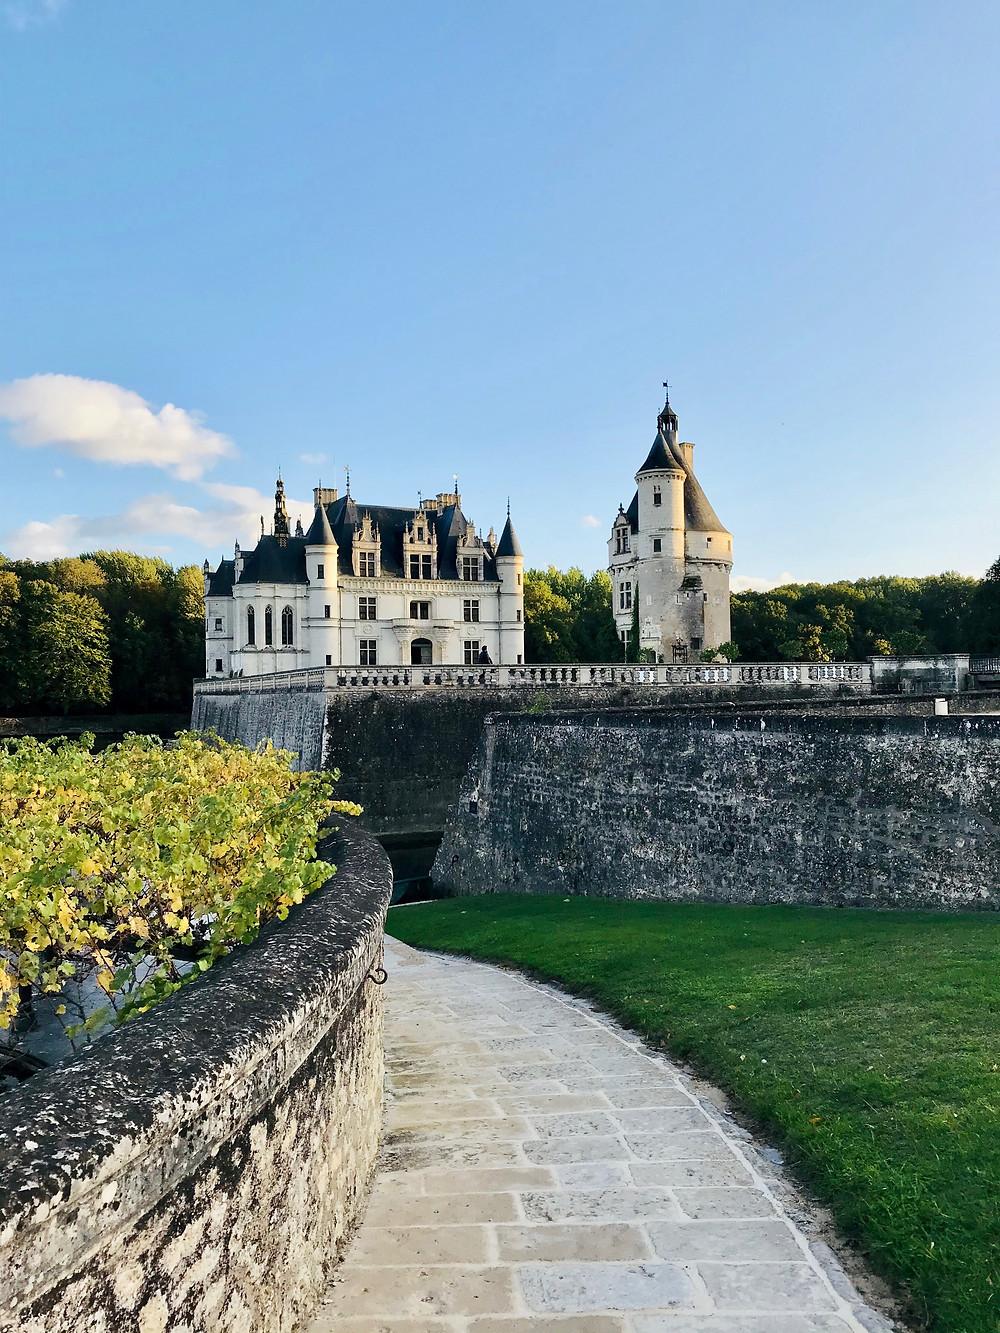 château-de-chenonceau-garden-view